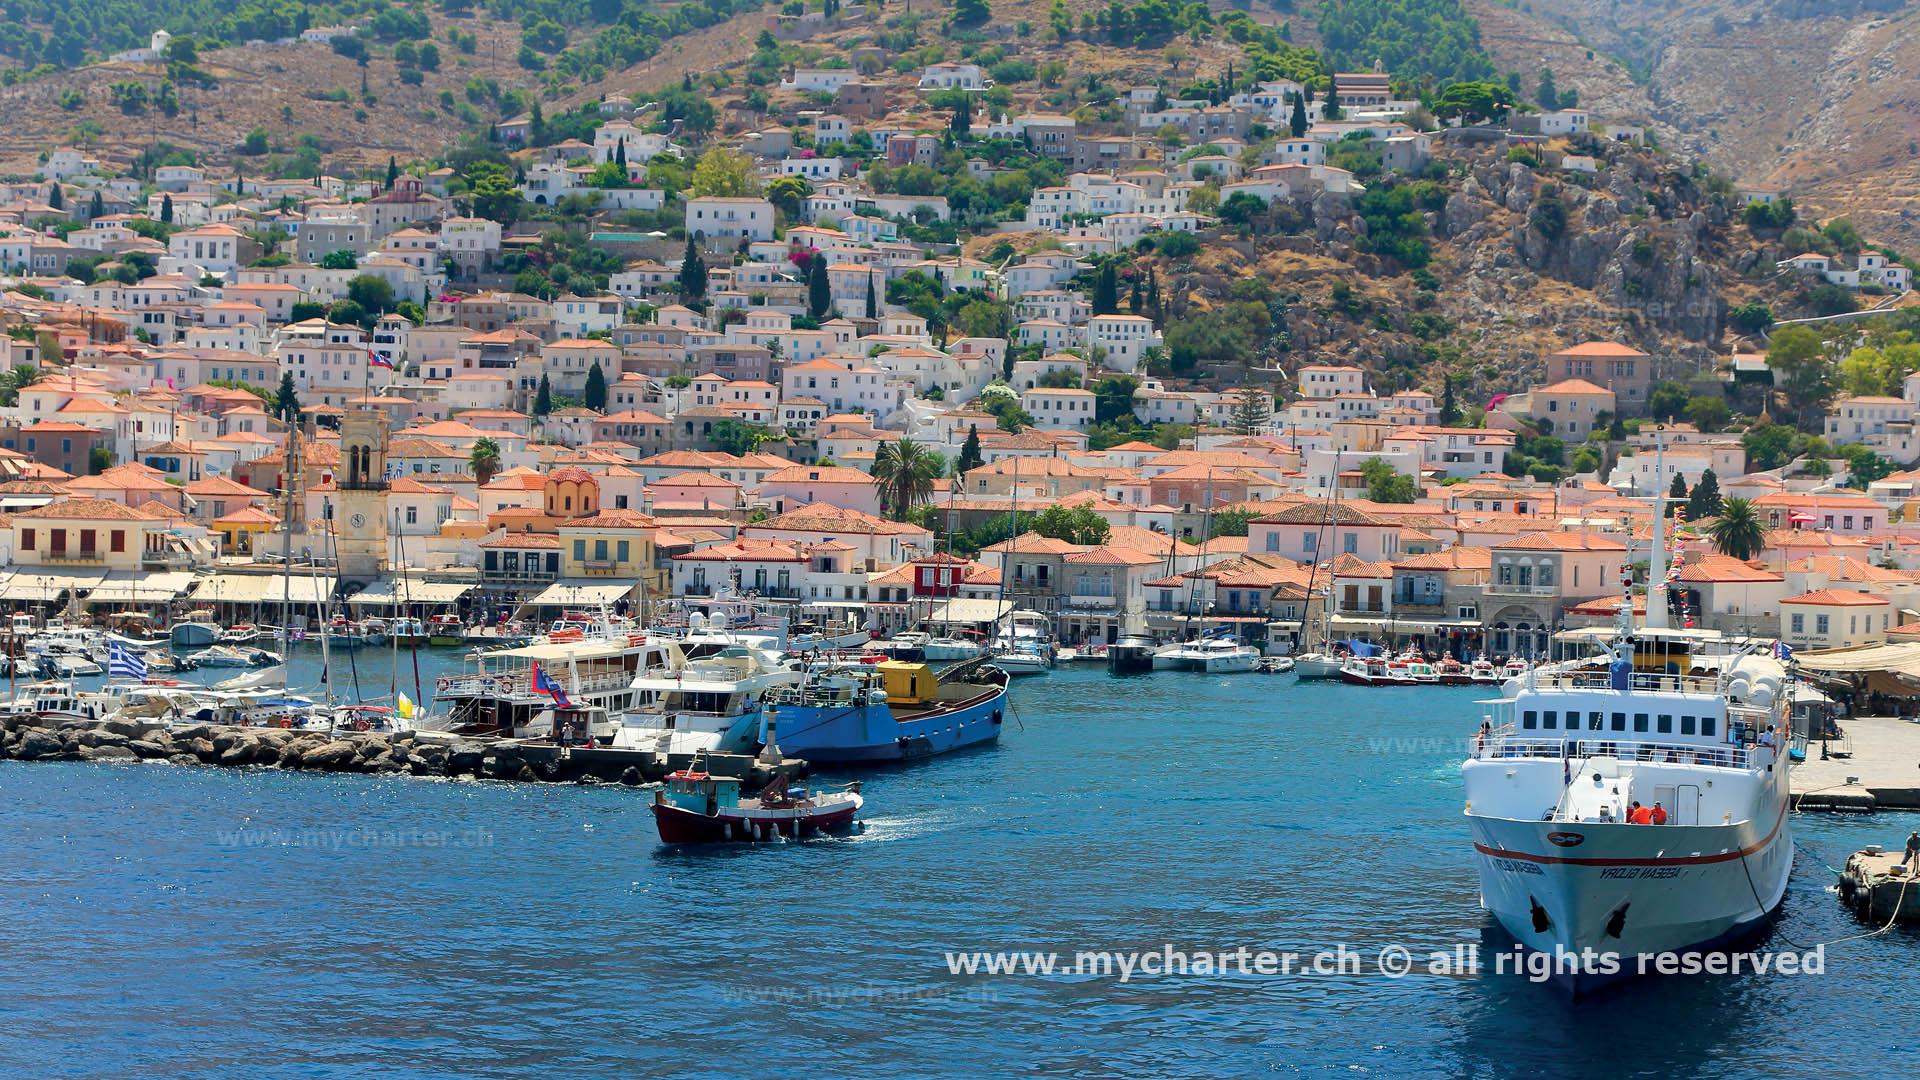 Griechenland - Aegina